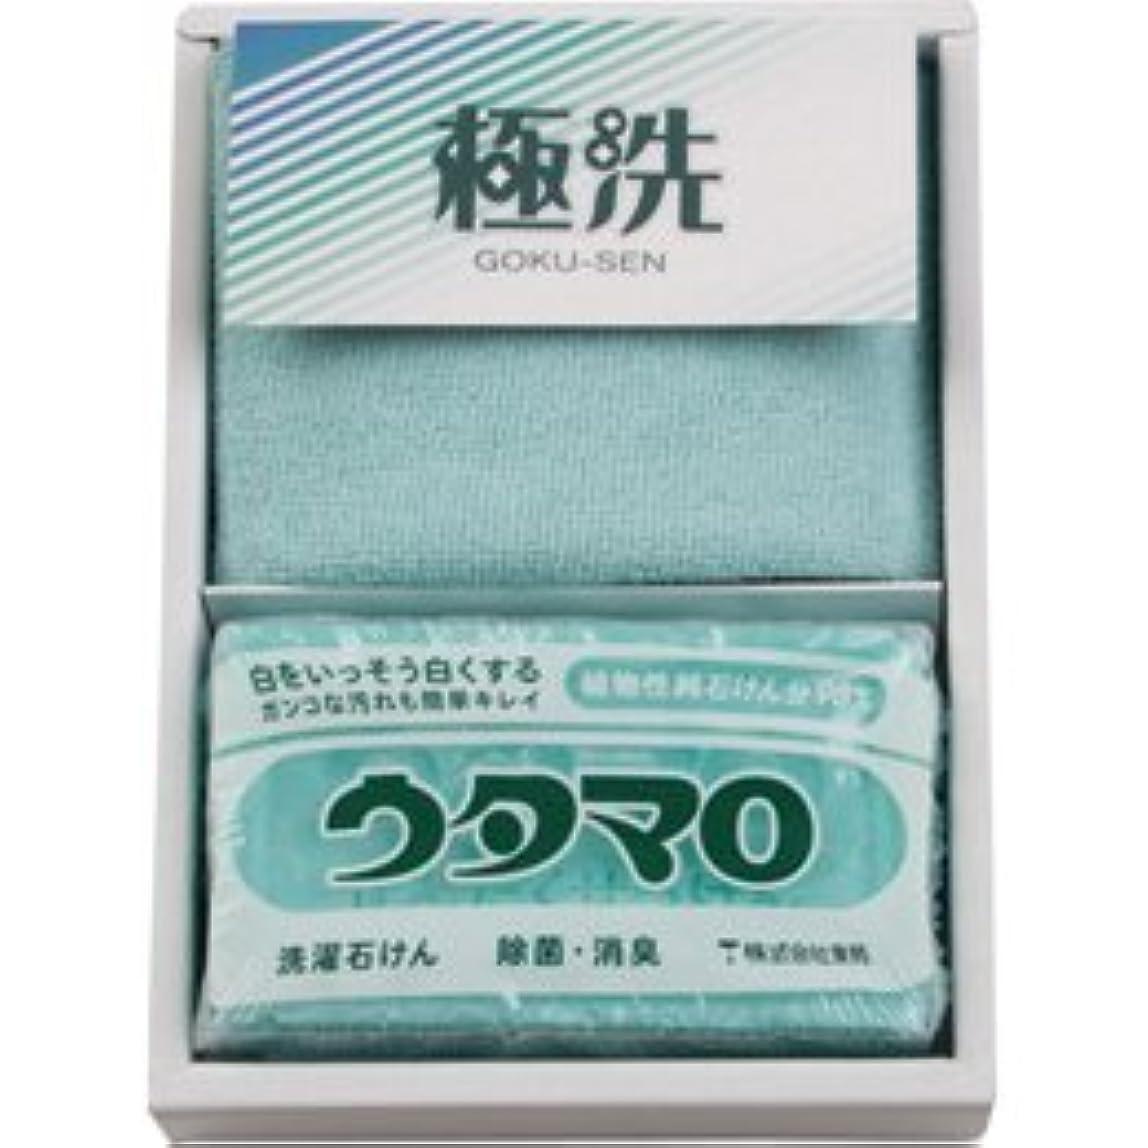 おめでとう精神シリーズ【まとめ 2セット】 ウタマロ 石鹸セット UTA-005 C7291554 C8286048 C9287515